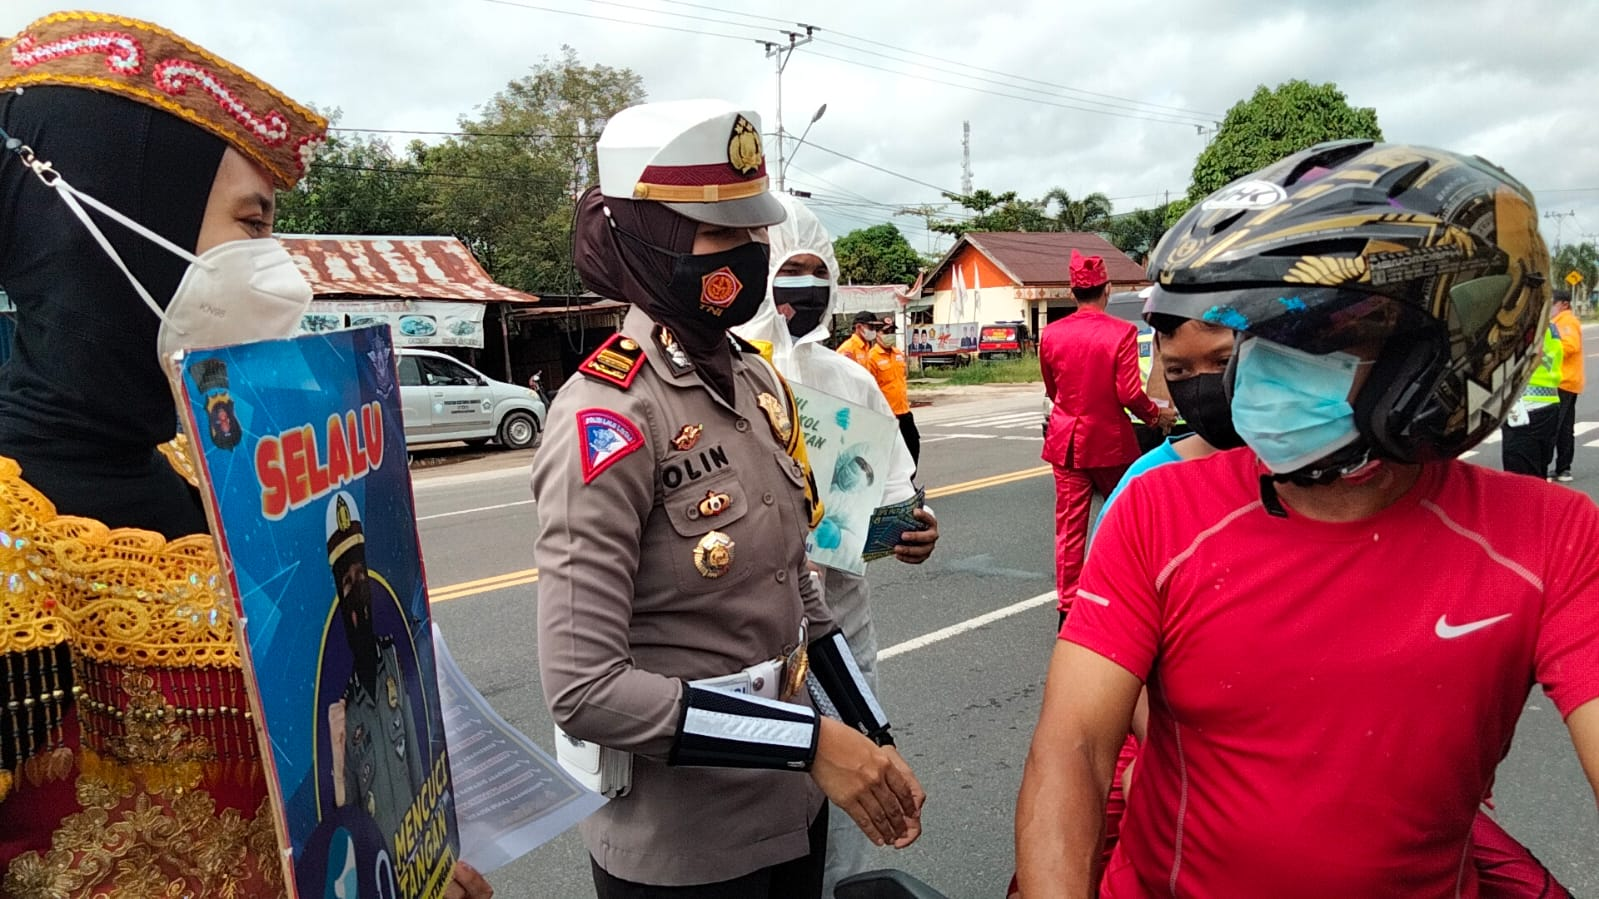 Kasat Lantas Polres Katingan, Iptu Olin saat mengimbau kepada pengendara sepeda motor agar memasang maskernya saat berkendaraan, Senin (27/9/2021)